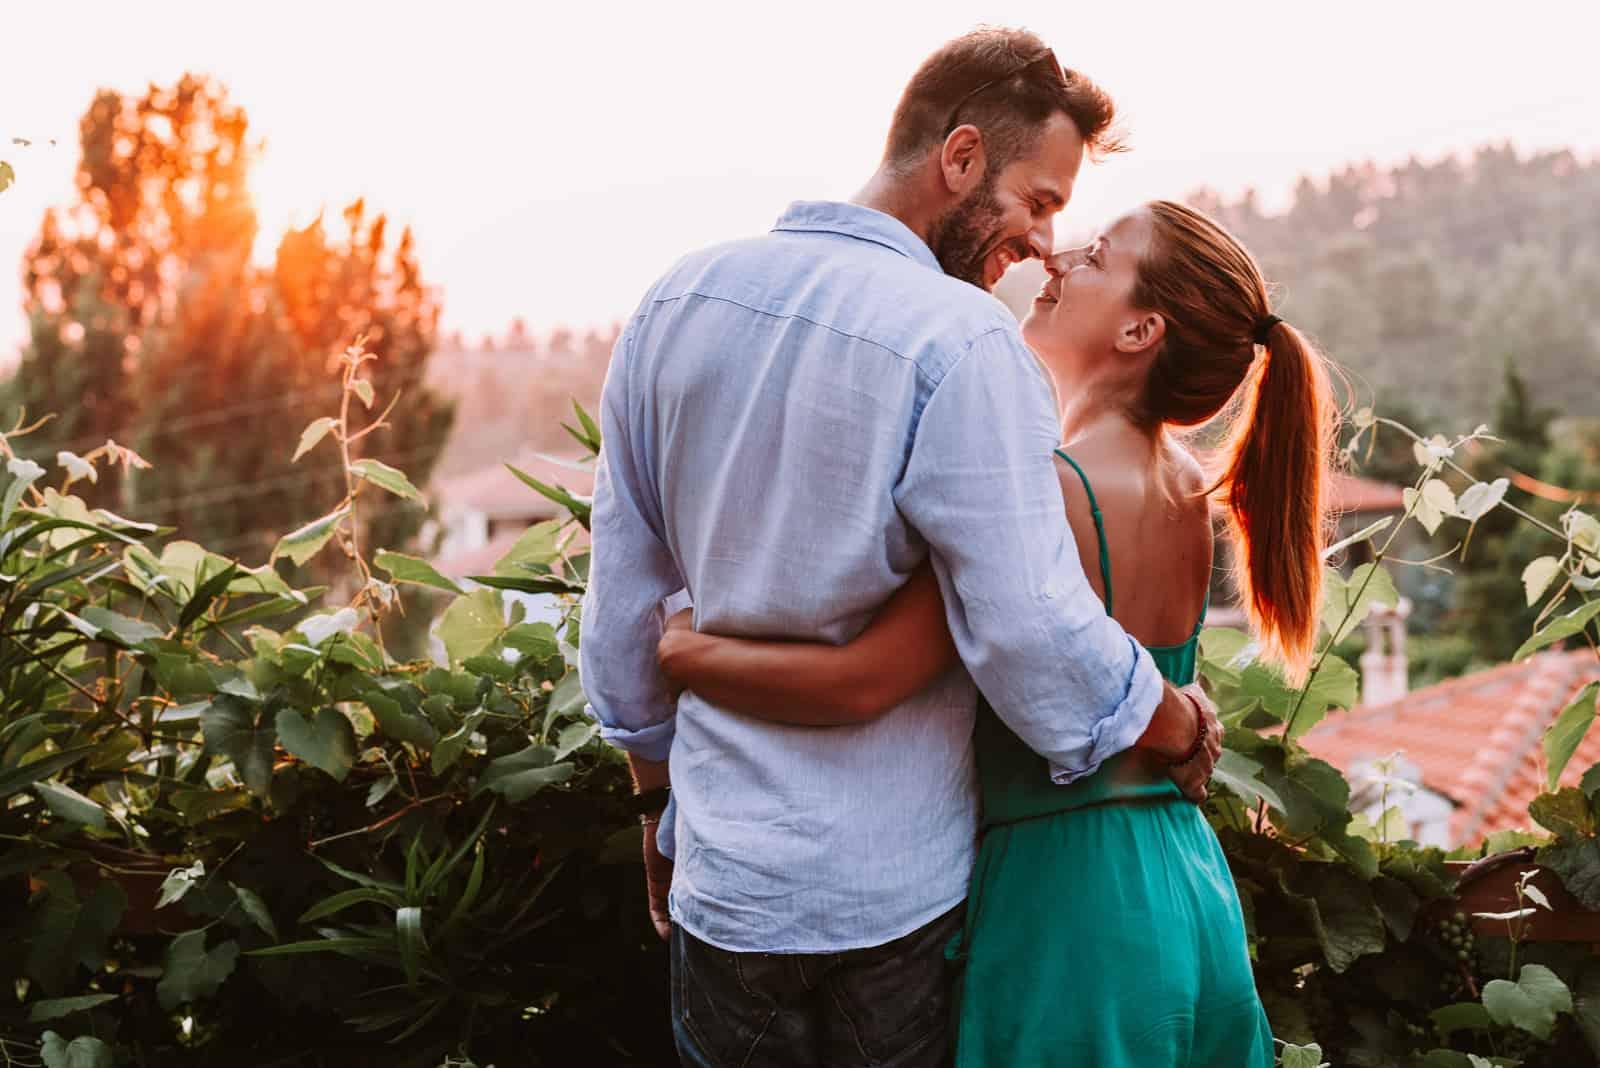 l'homme et la femme s'embrassent et se regardent dans les yeux